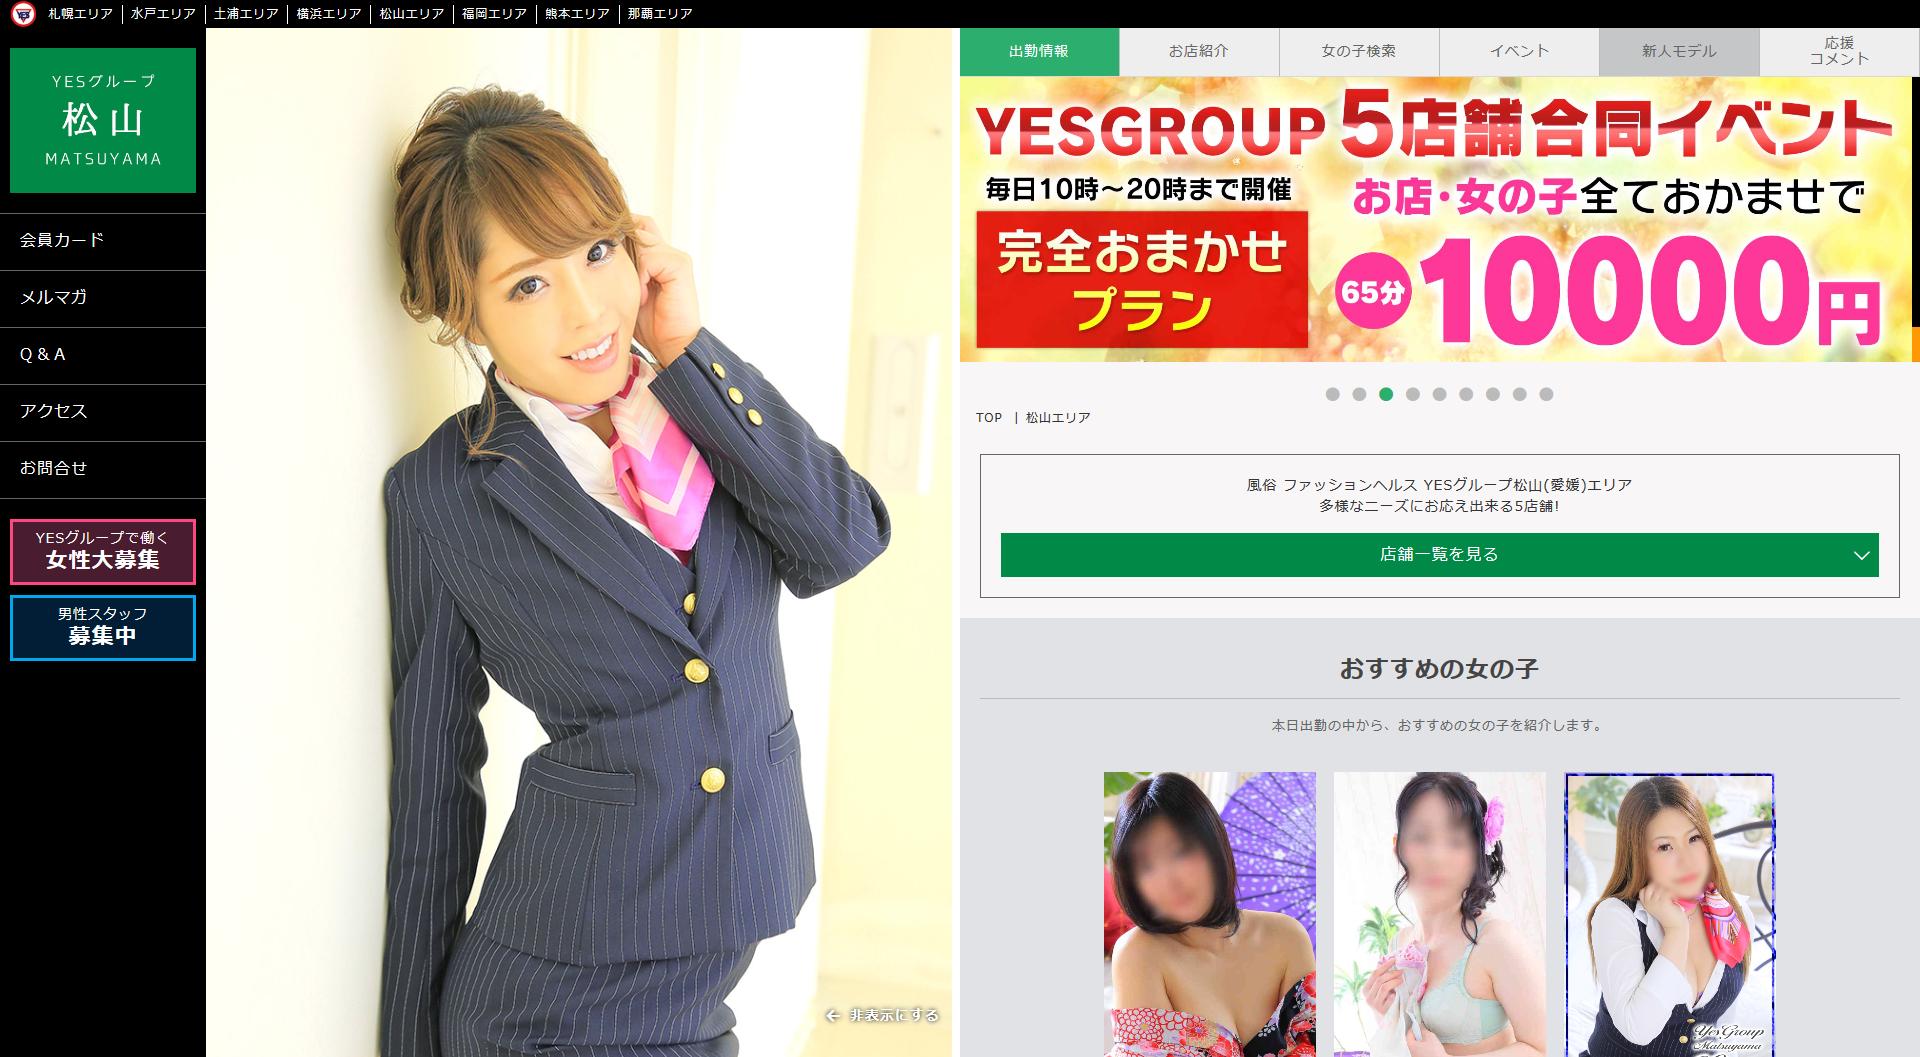 松山市道後多幸町 ラズベリードール 松山店[店舗型ヘルス]のホームページ